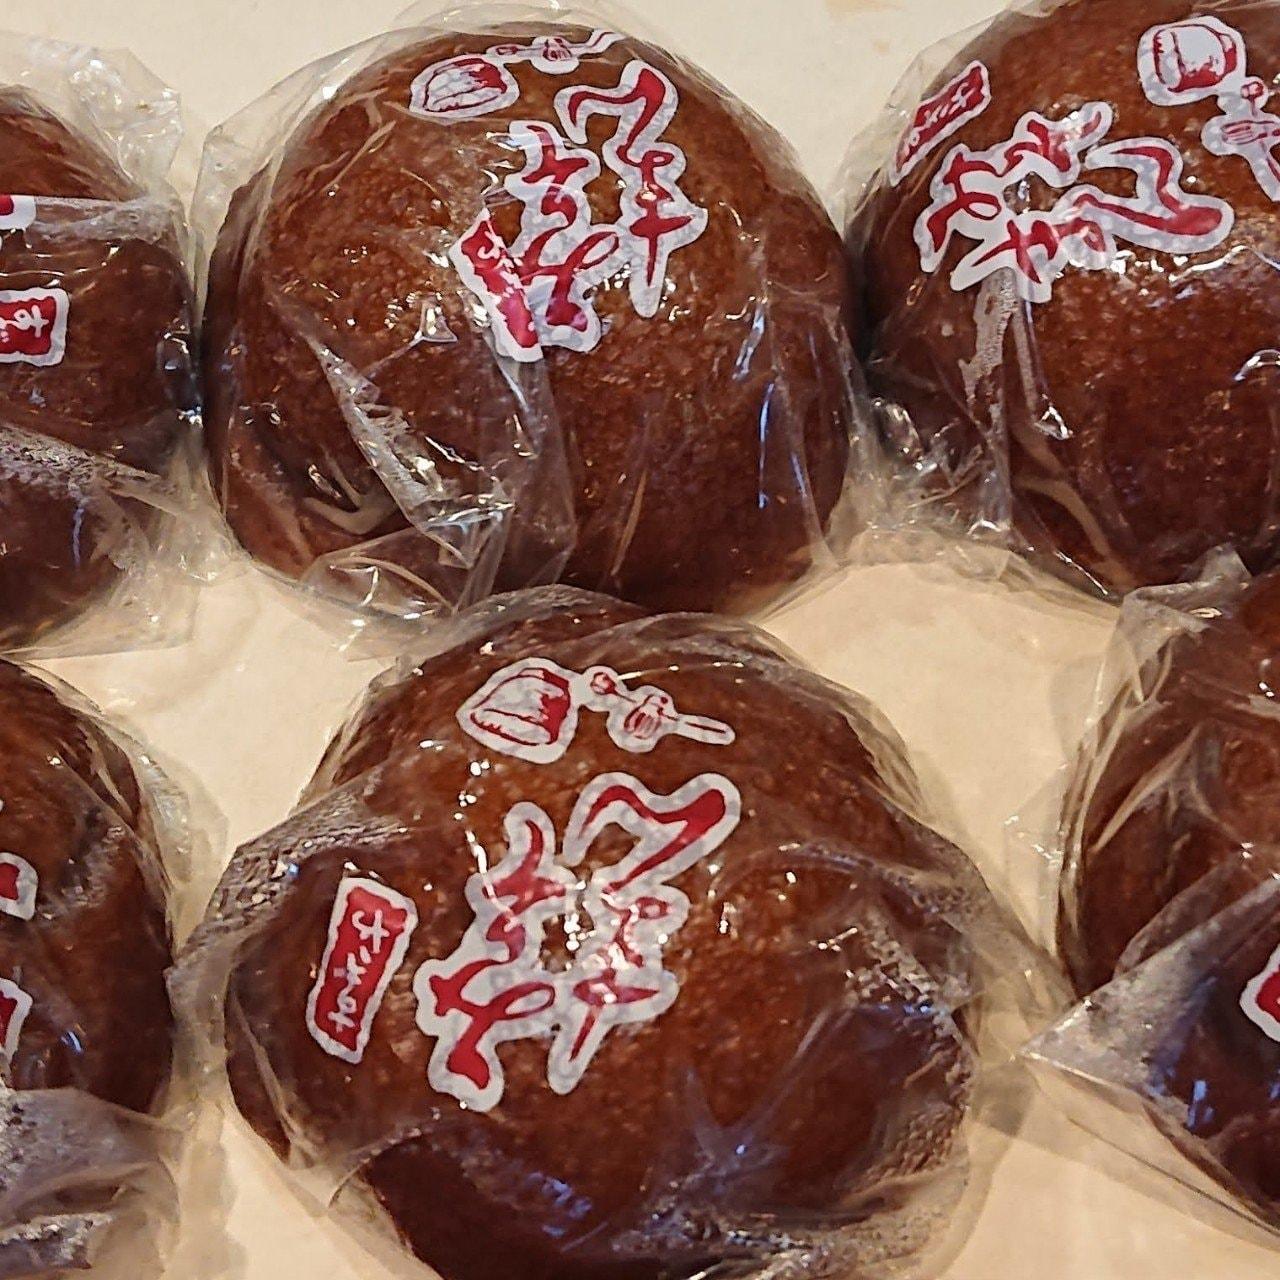 すぎや製菓(すぎやせいか)/✿みそまん・いいさまをはじめ和洋菓子の専門店です!/いなさマップ「37」のイメージその5